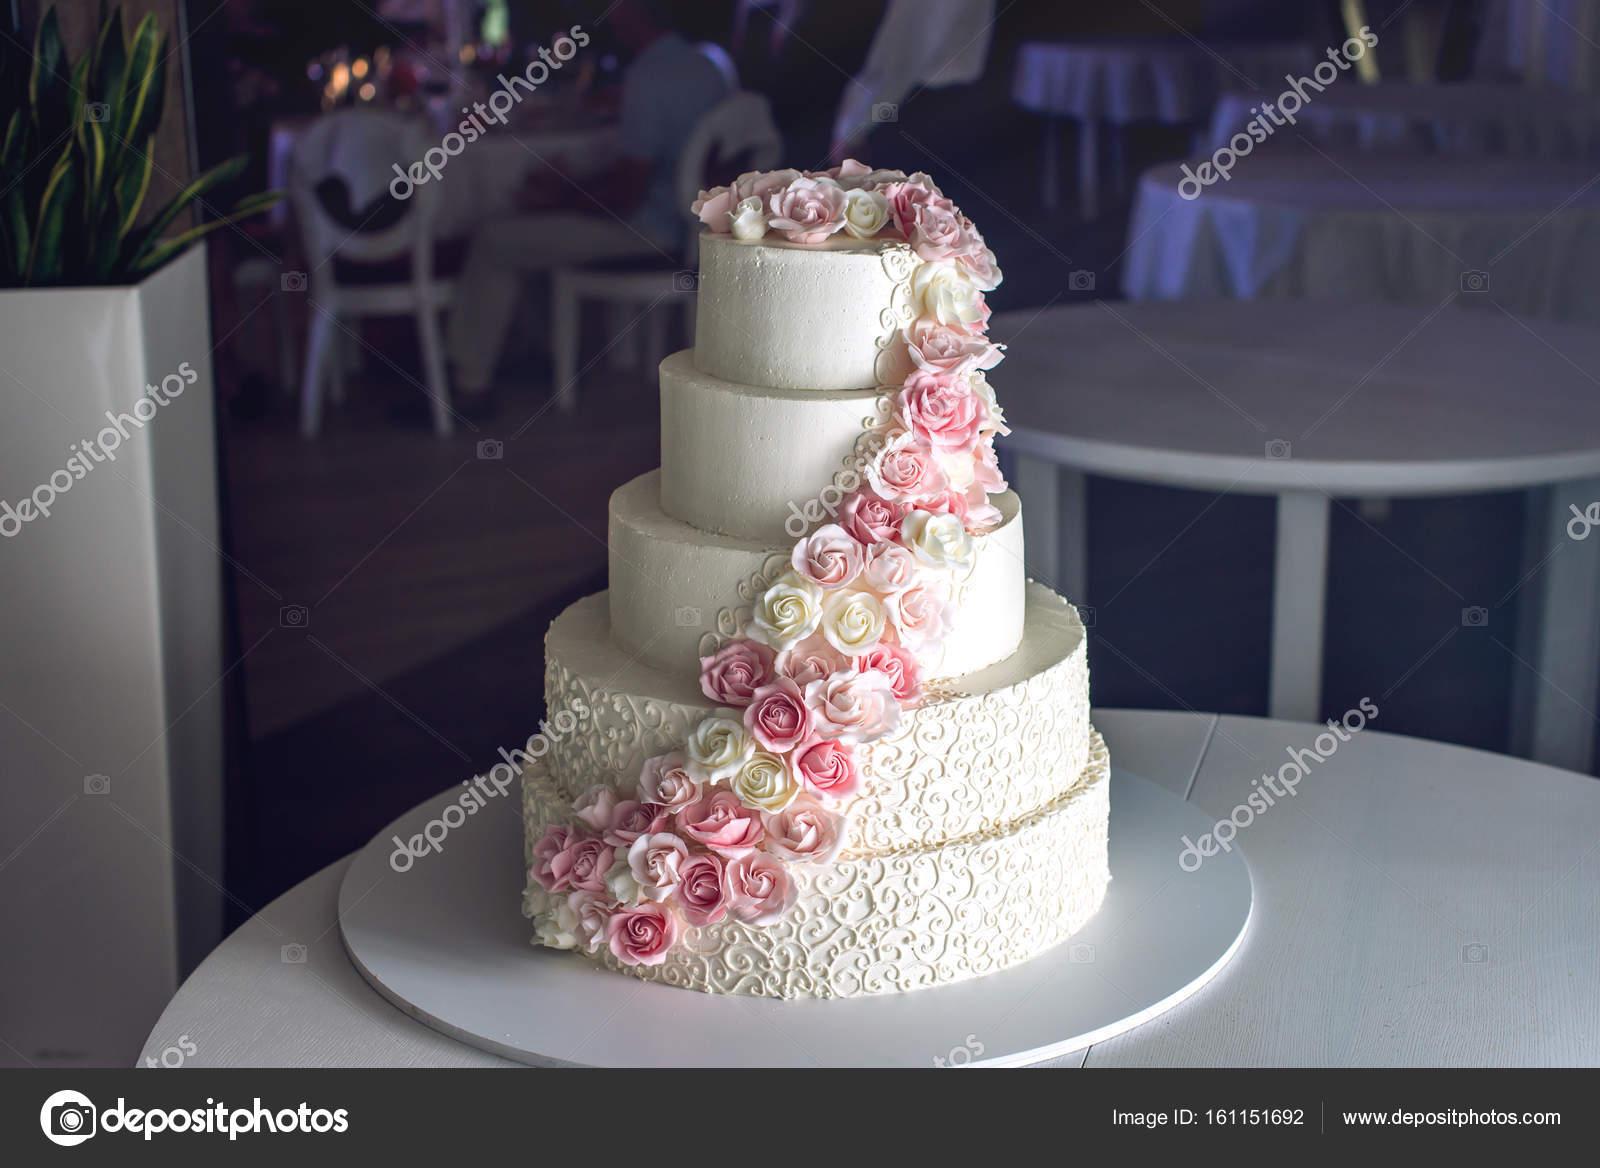 Eine Grosse Abgestufte Hochzeitstorte Dekoriert Mit Rosa Rosen Auf